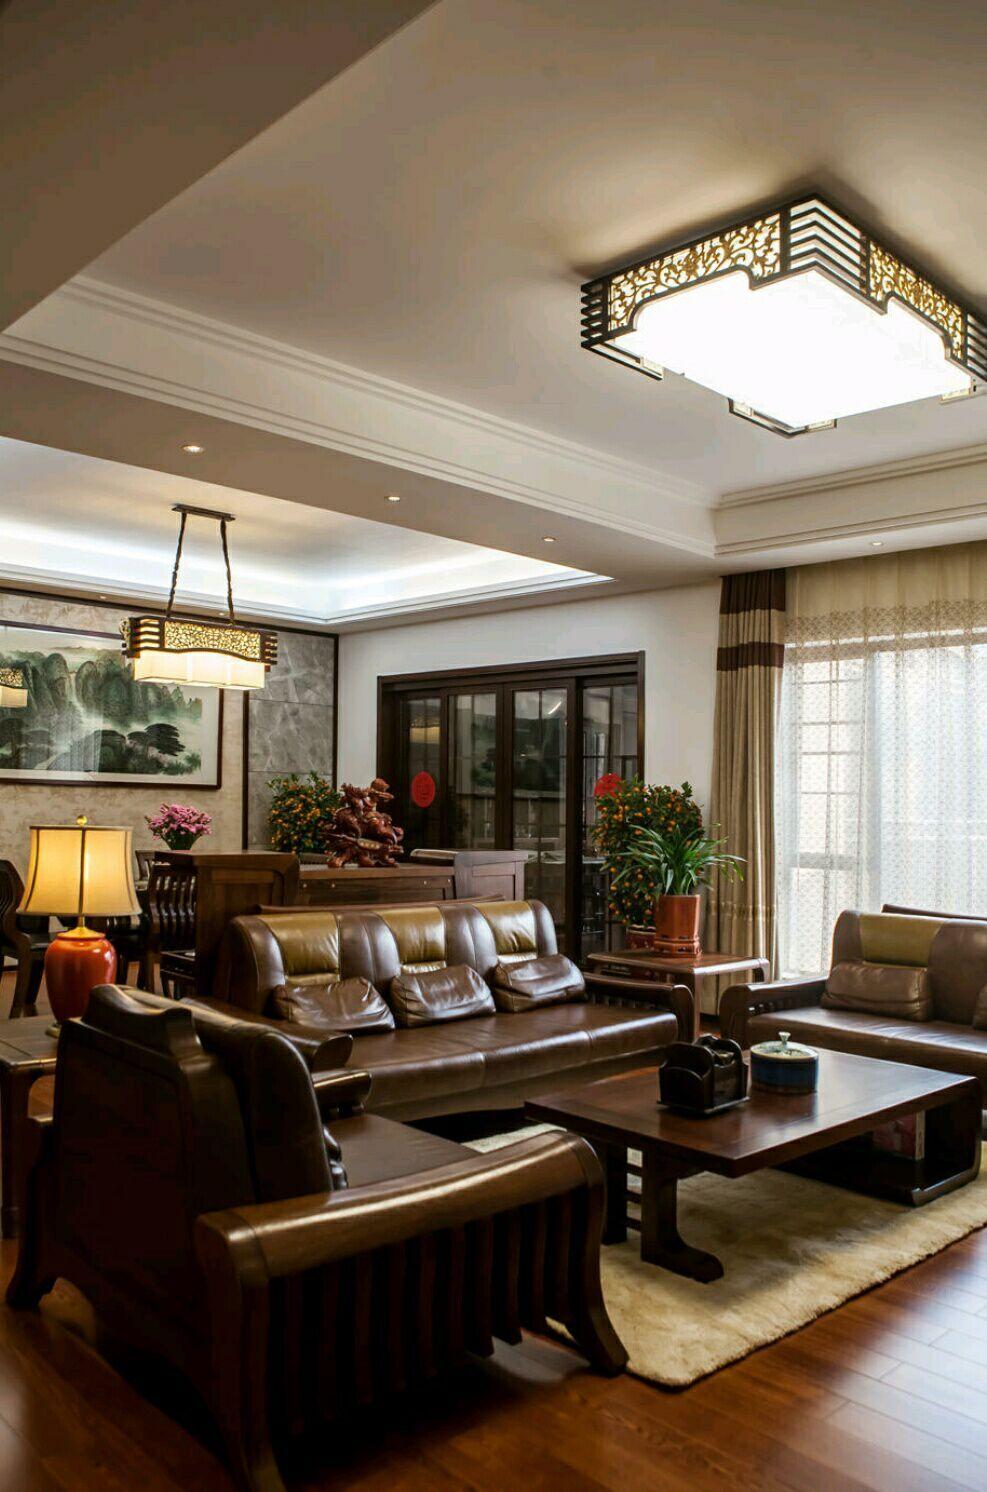 南国明珠 四居室 中式 165平 嘉年华 客厅图片来自武汉嘉年华装饰在南国明珠的分享